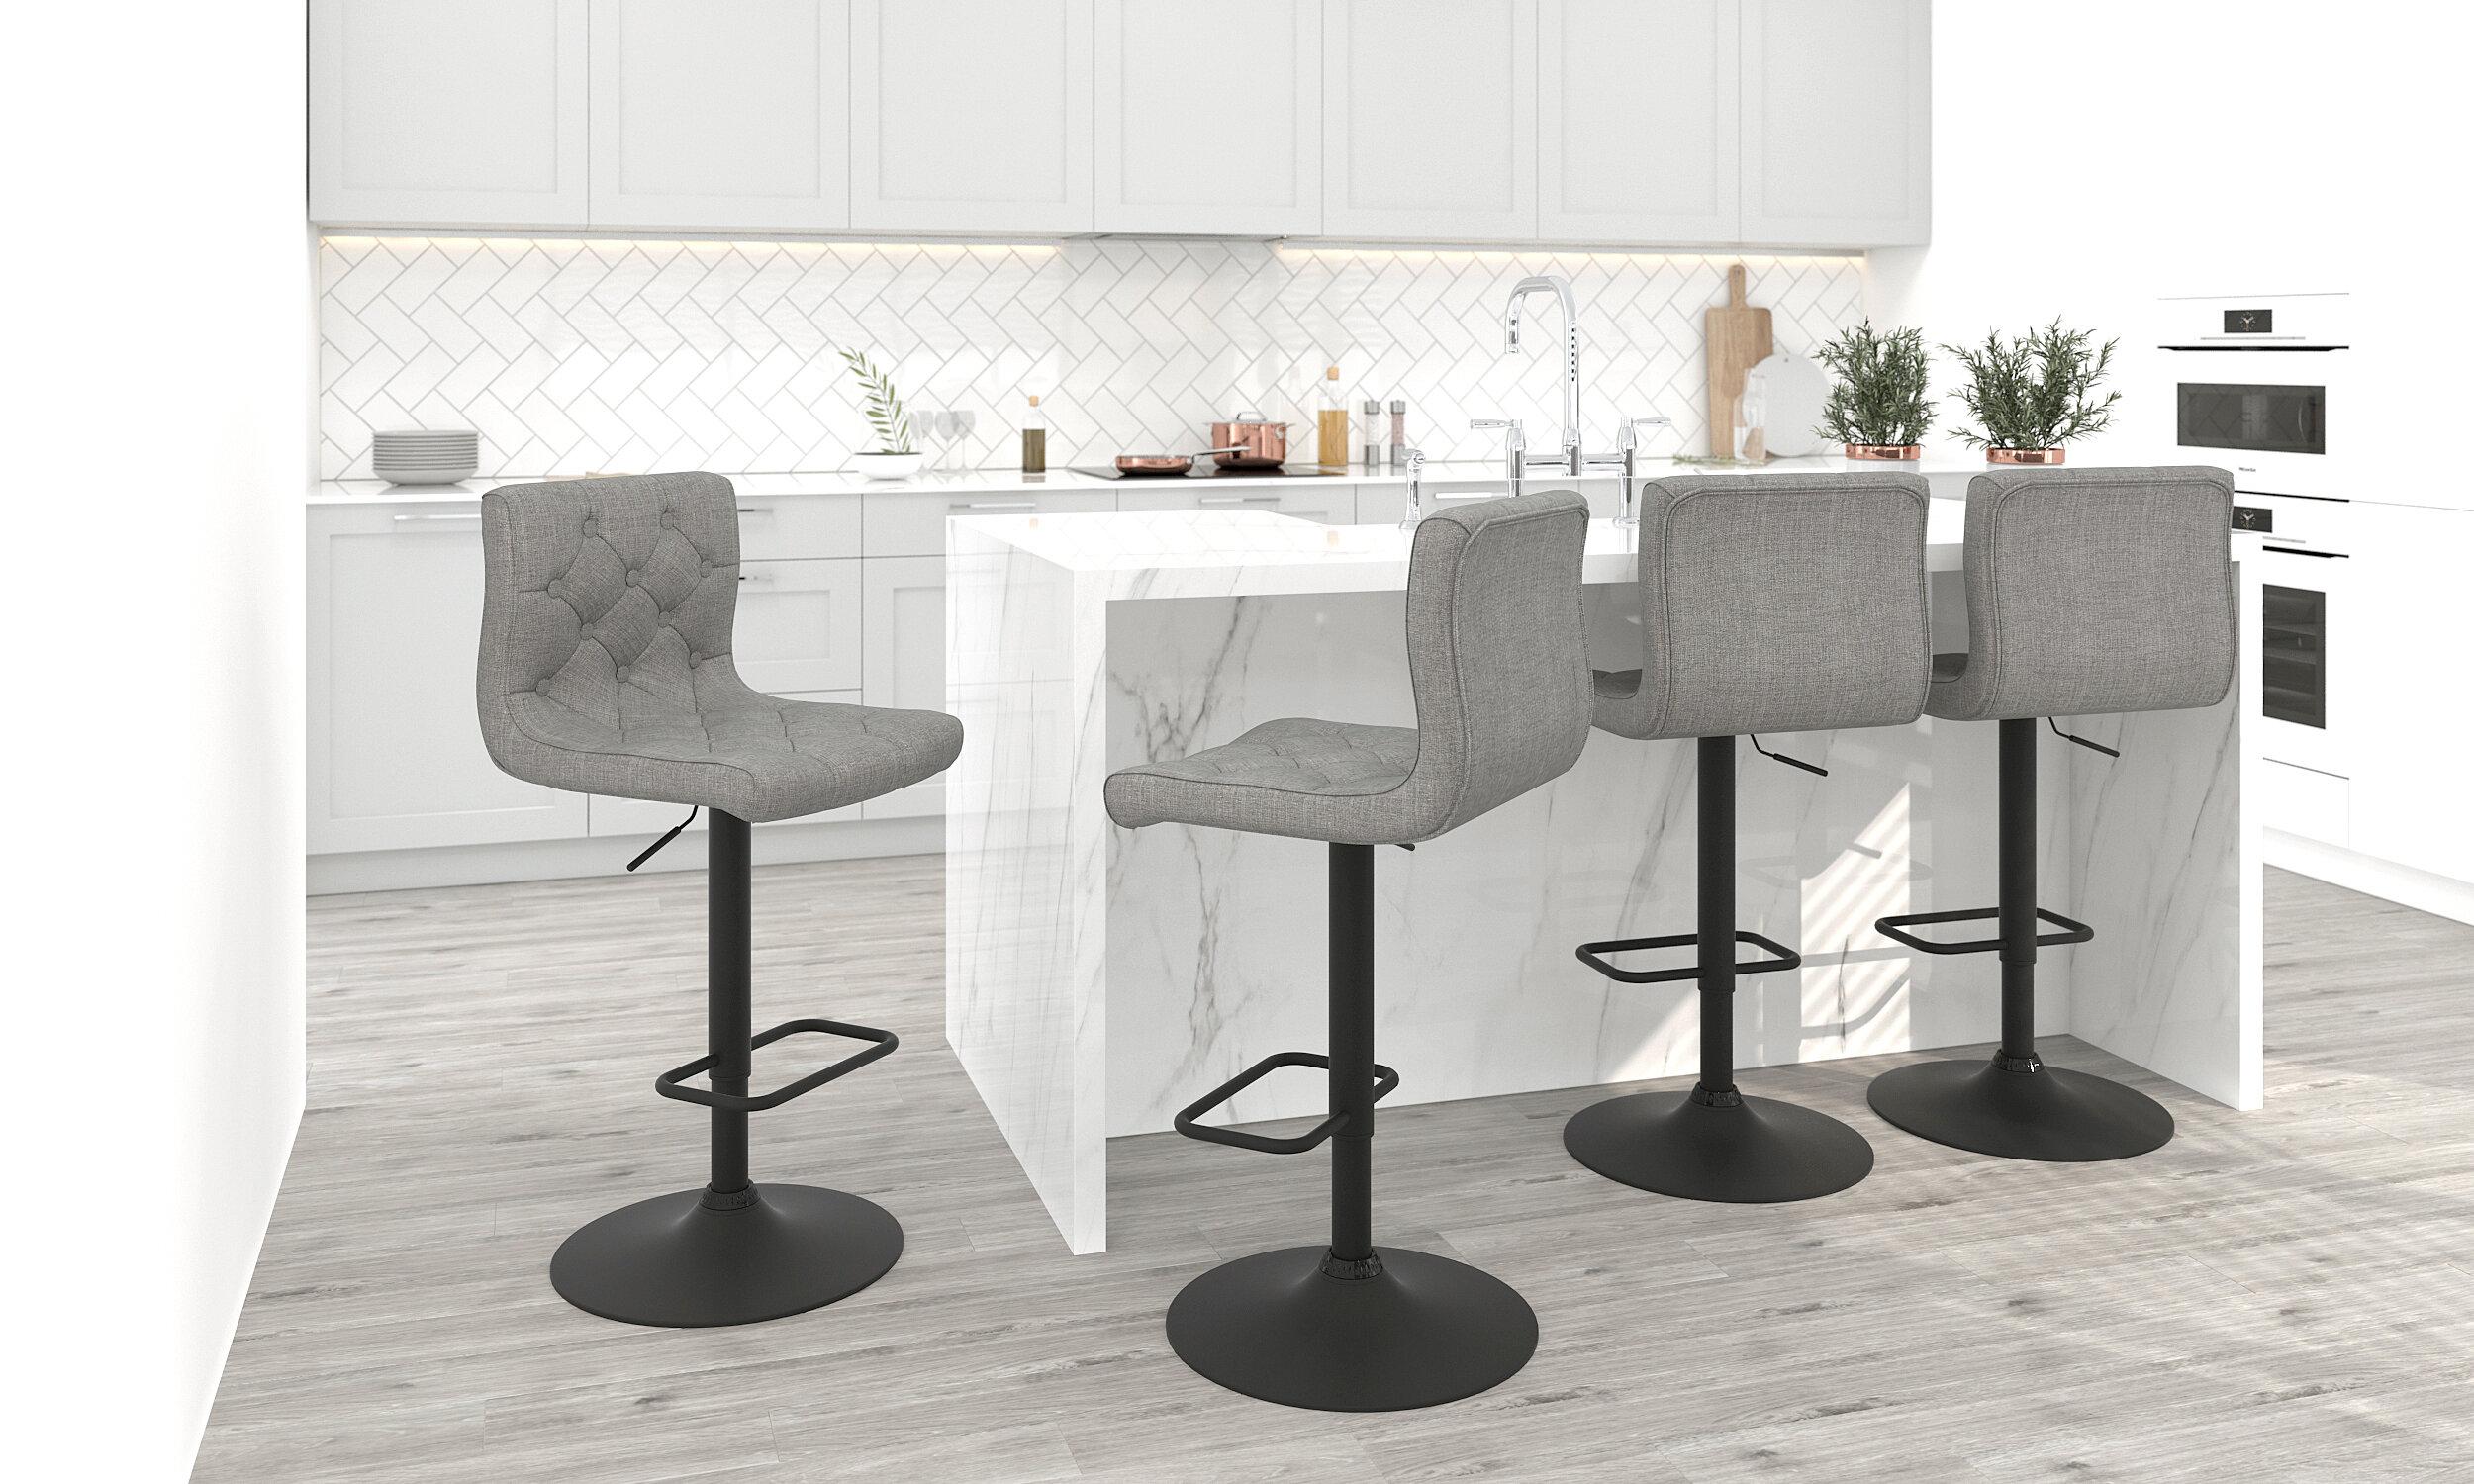 Awe Inspiring Witney Adjustable Height Swivel Bar Stool Ncnpc Chair Design For Home Ncnpcorg